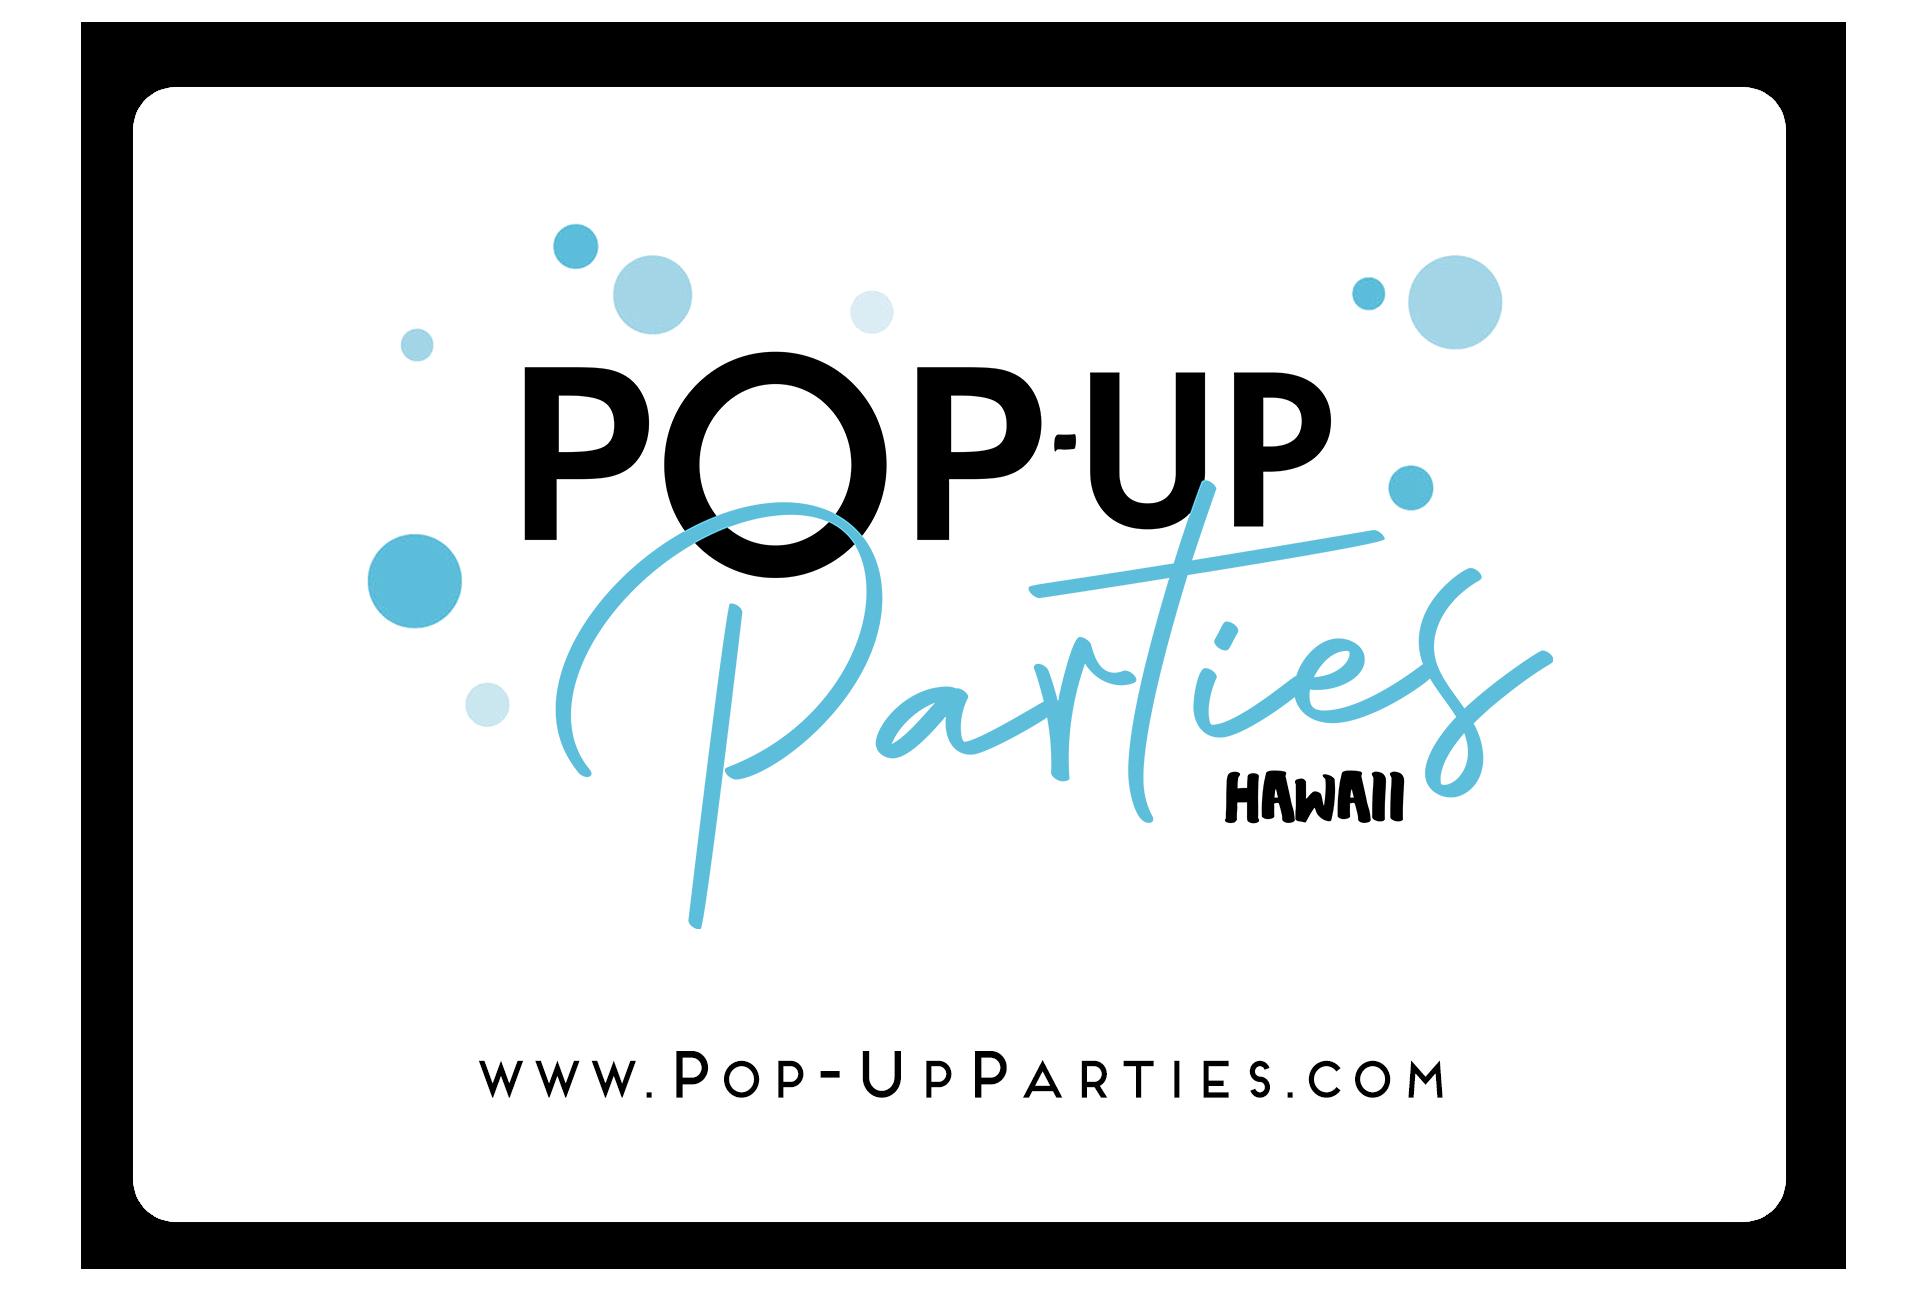 popuppartiesblock.png